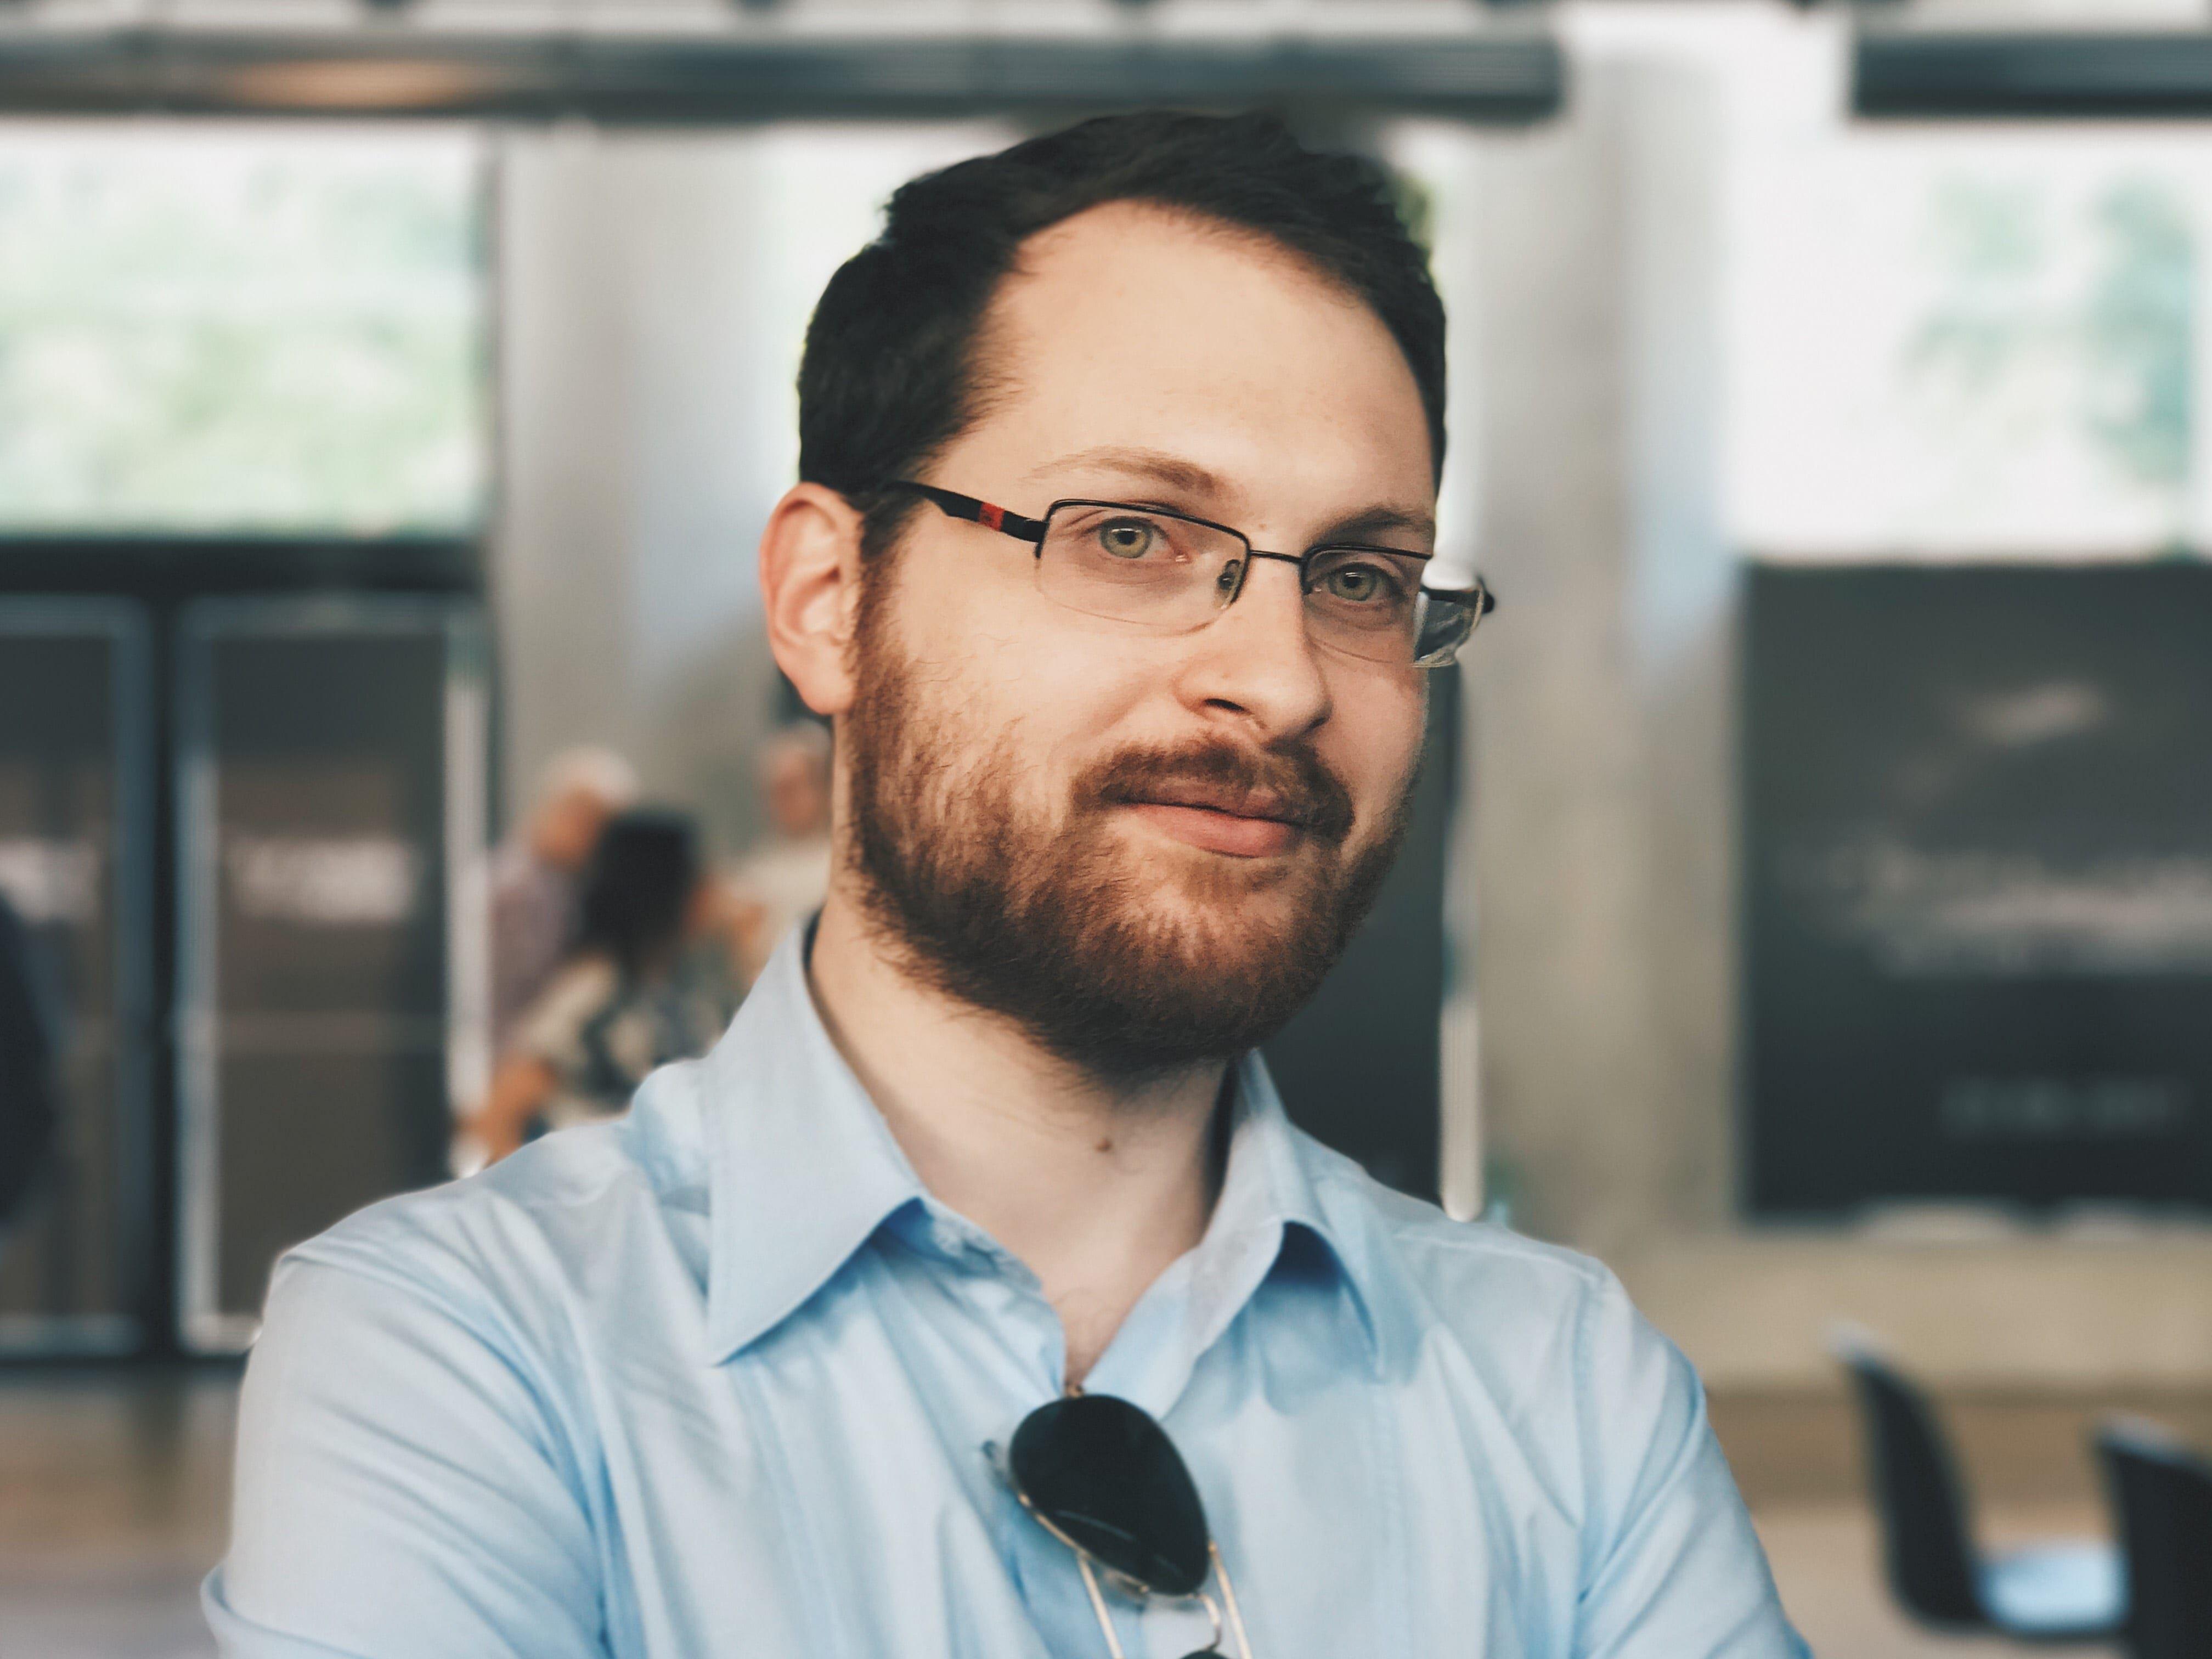 Mario Petillo